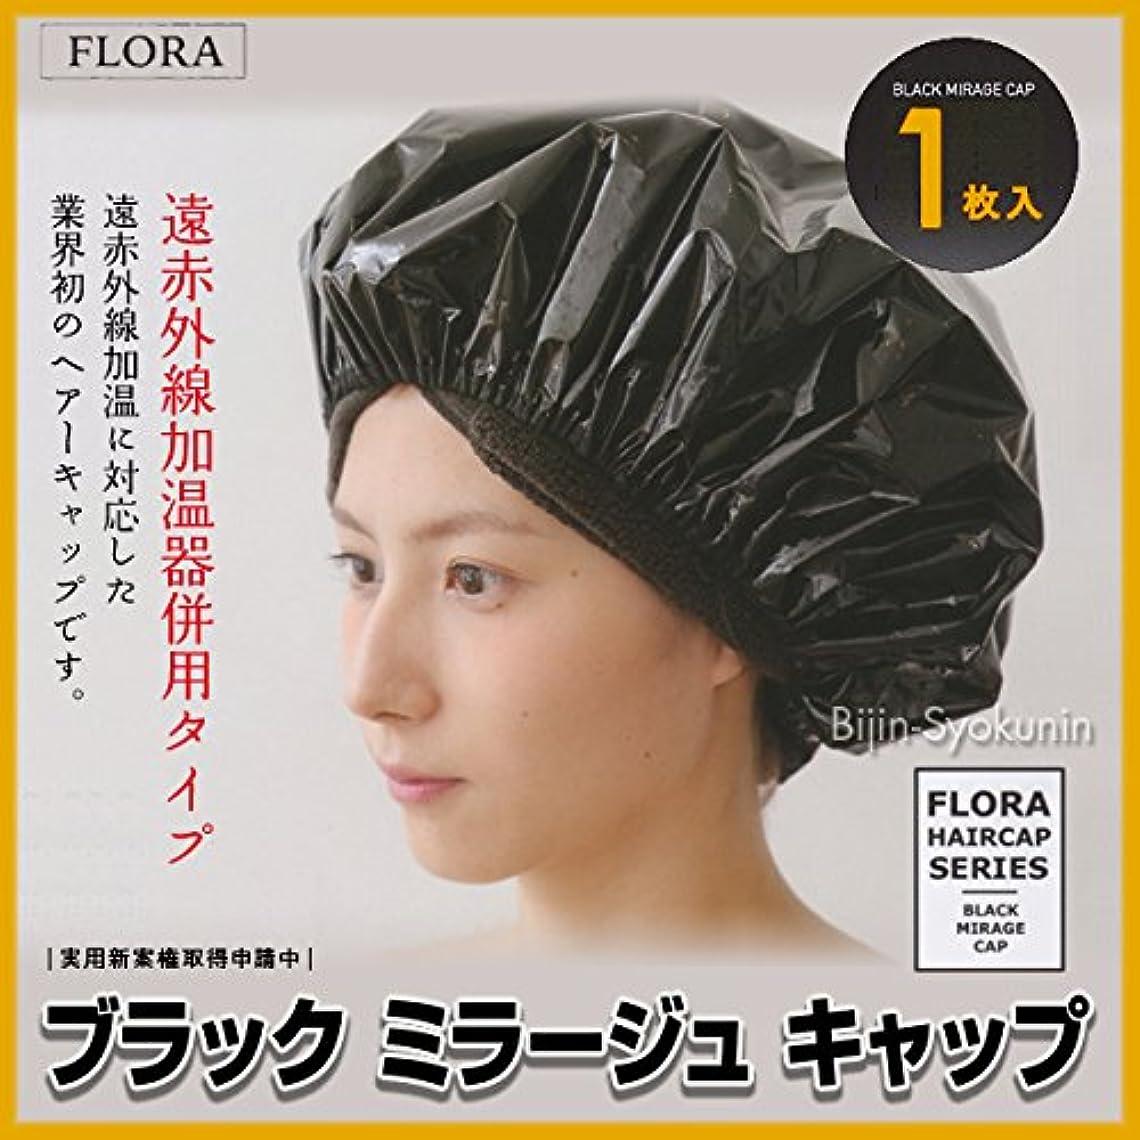 間隔形つらいブラック ミラージュ キャップ BLACK MIRAGE CAP【1枚入り】